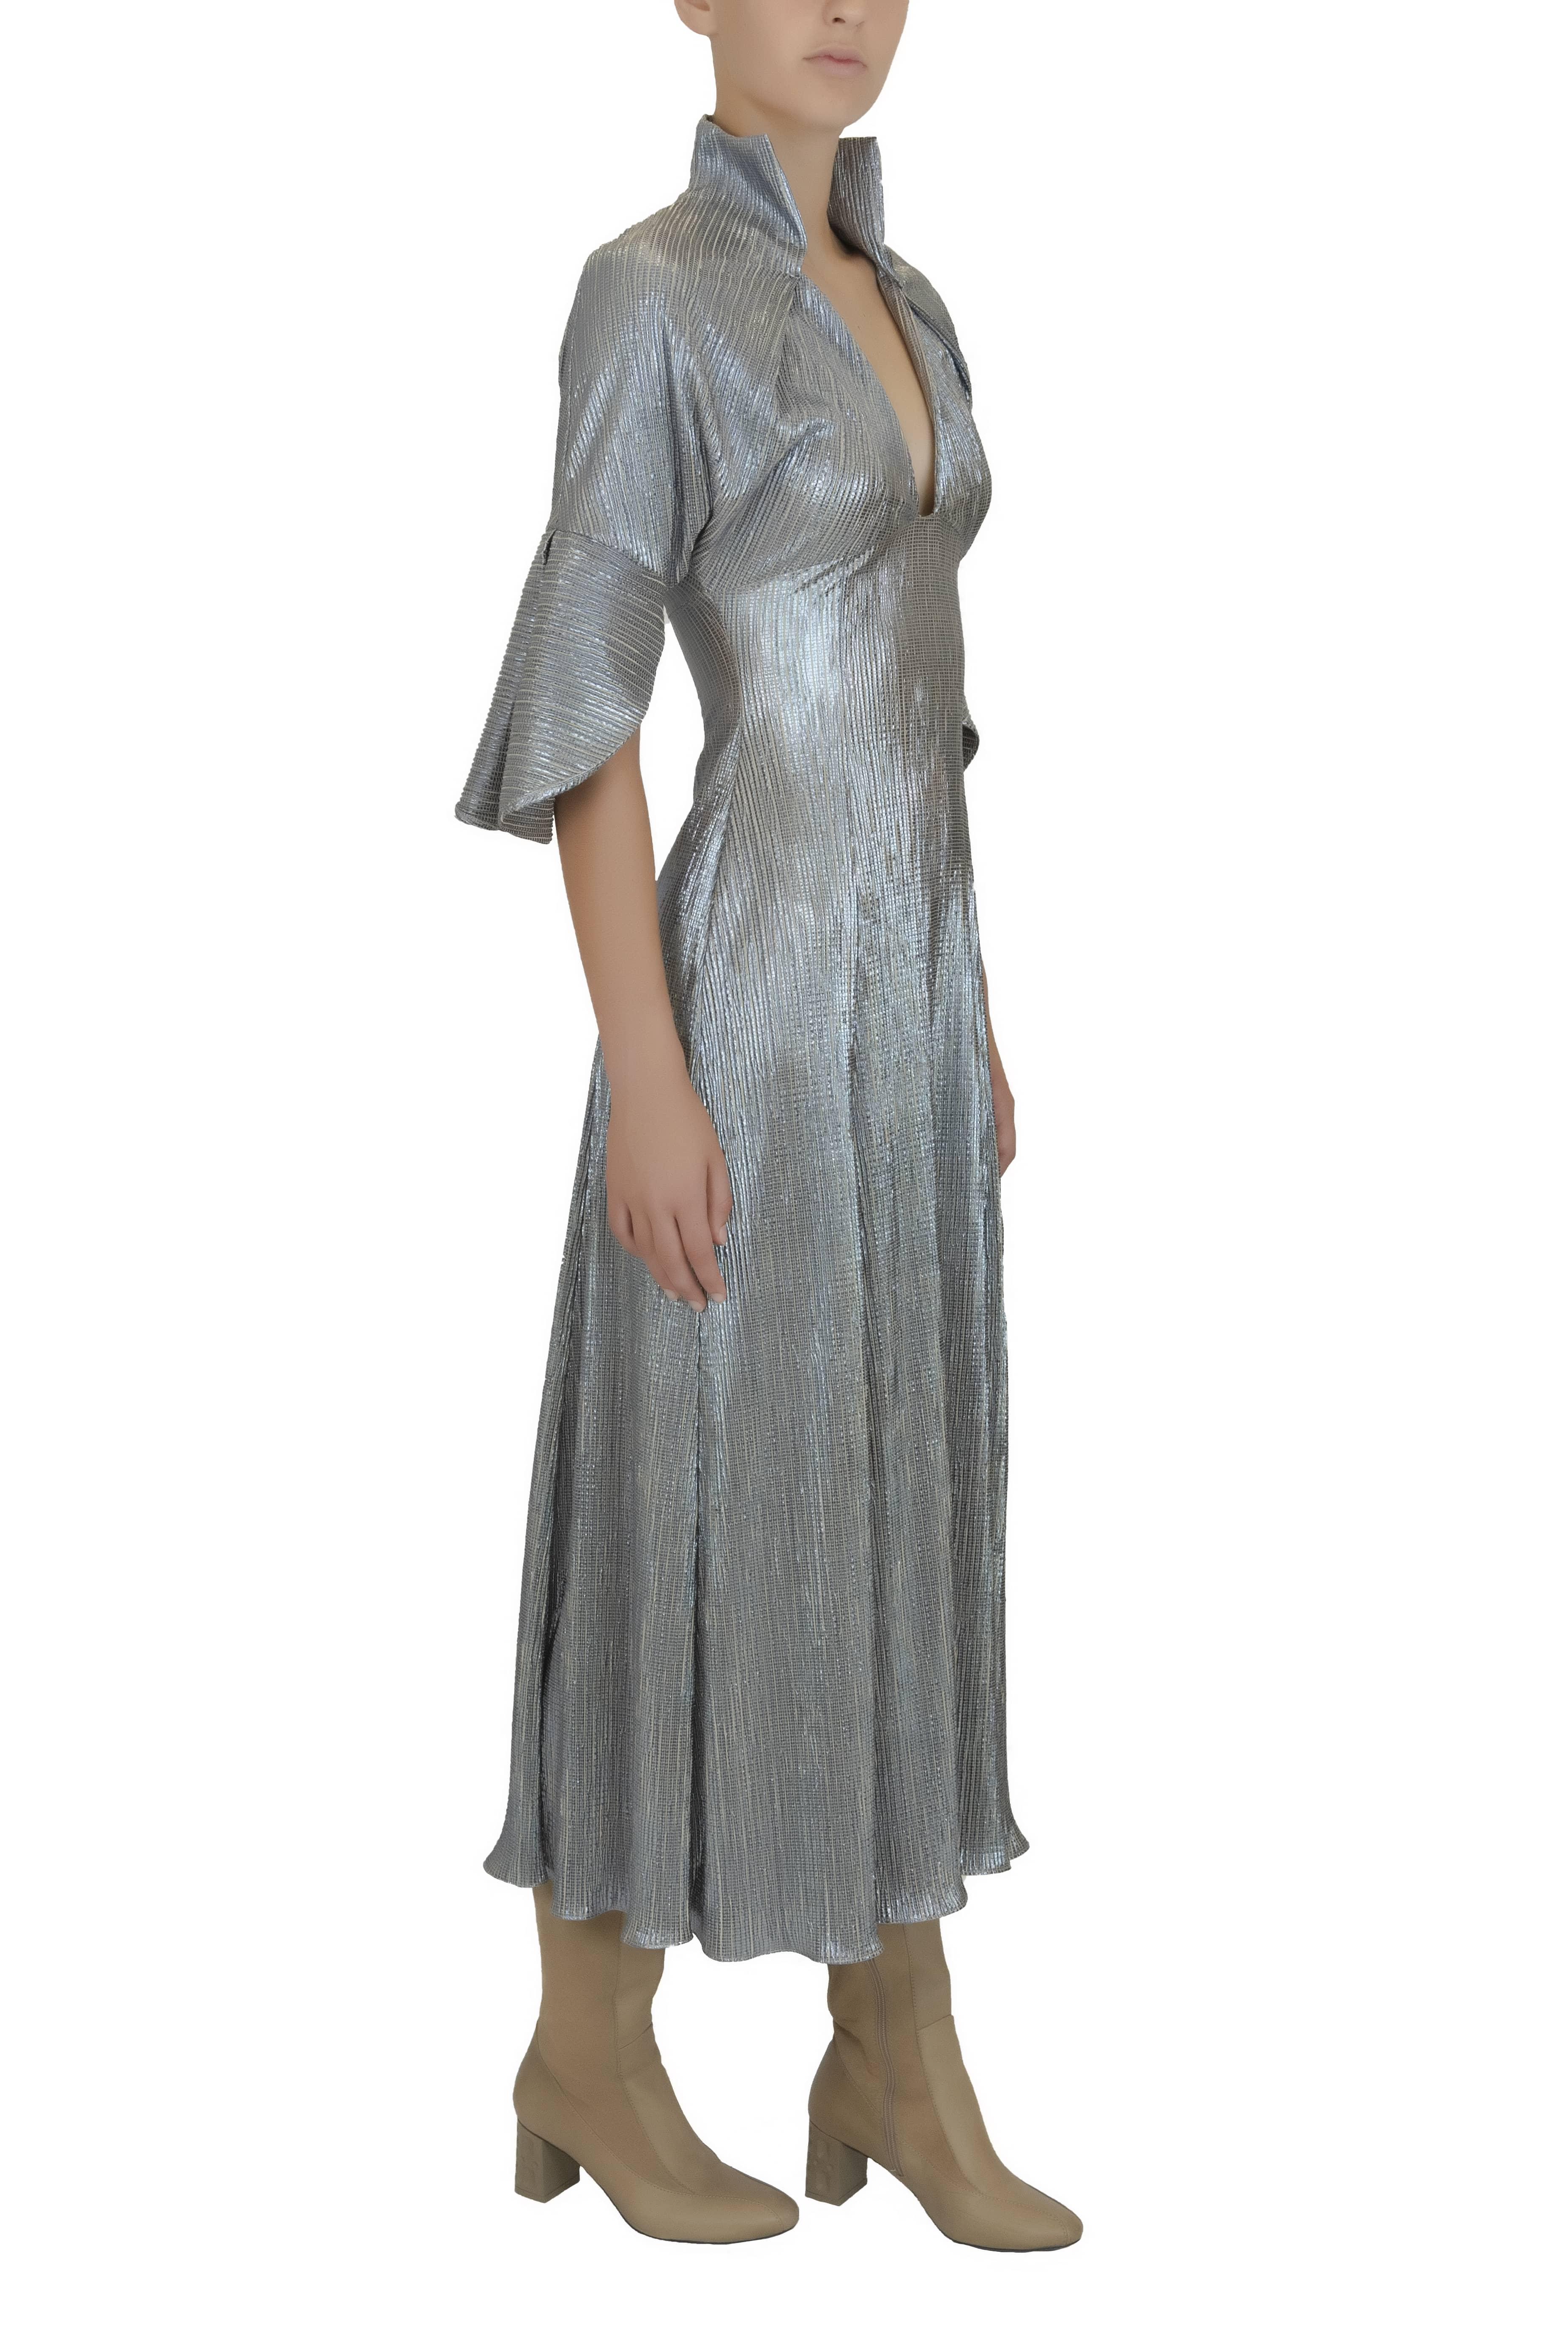 Vestido HOKKAIDO 0